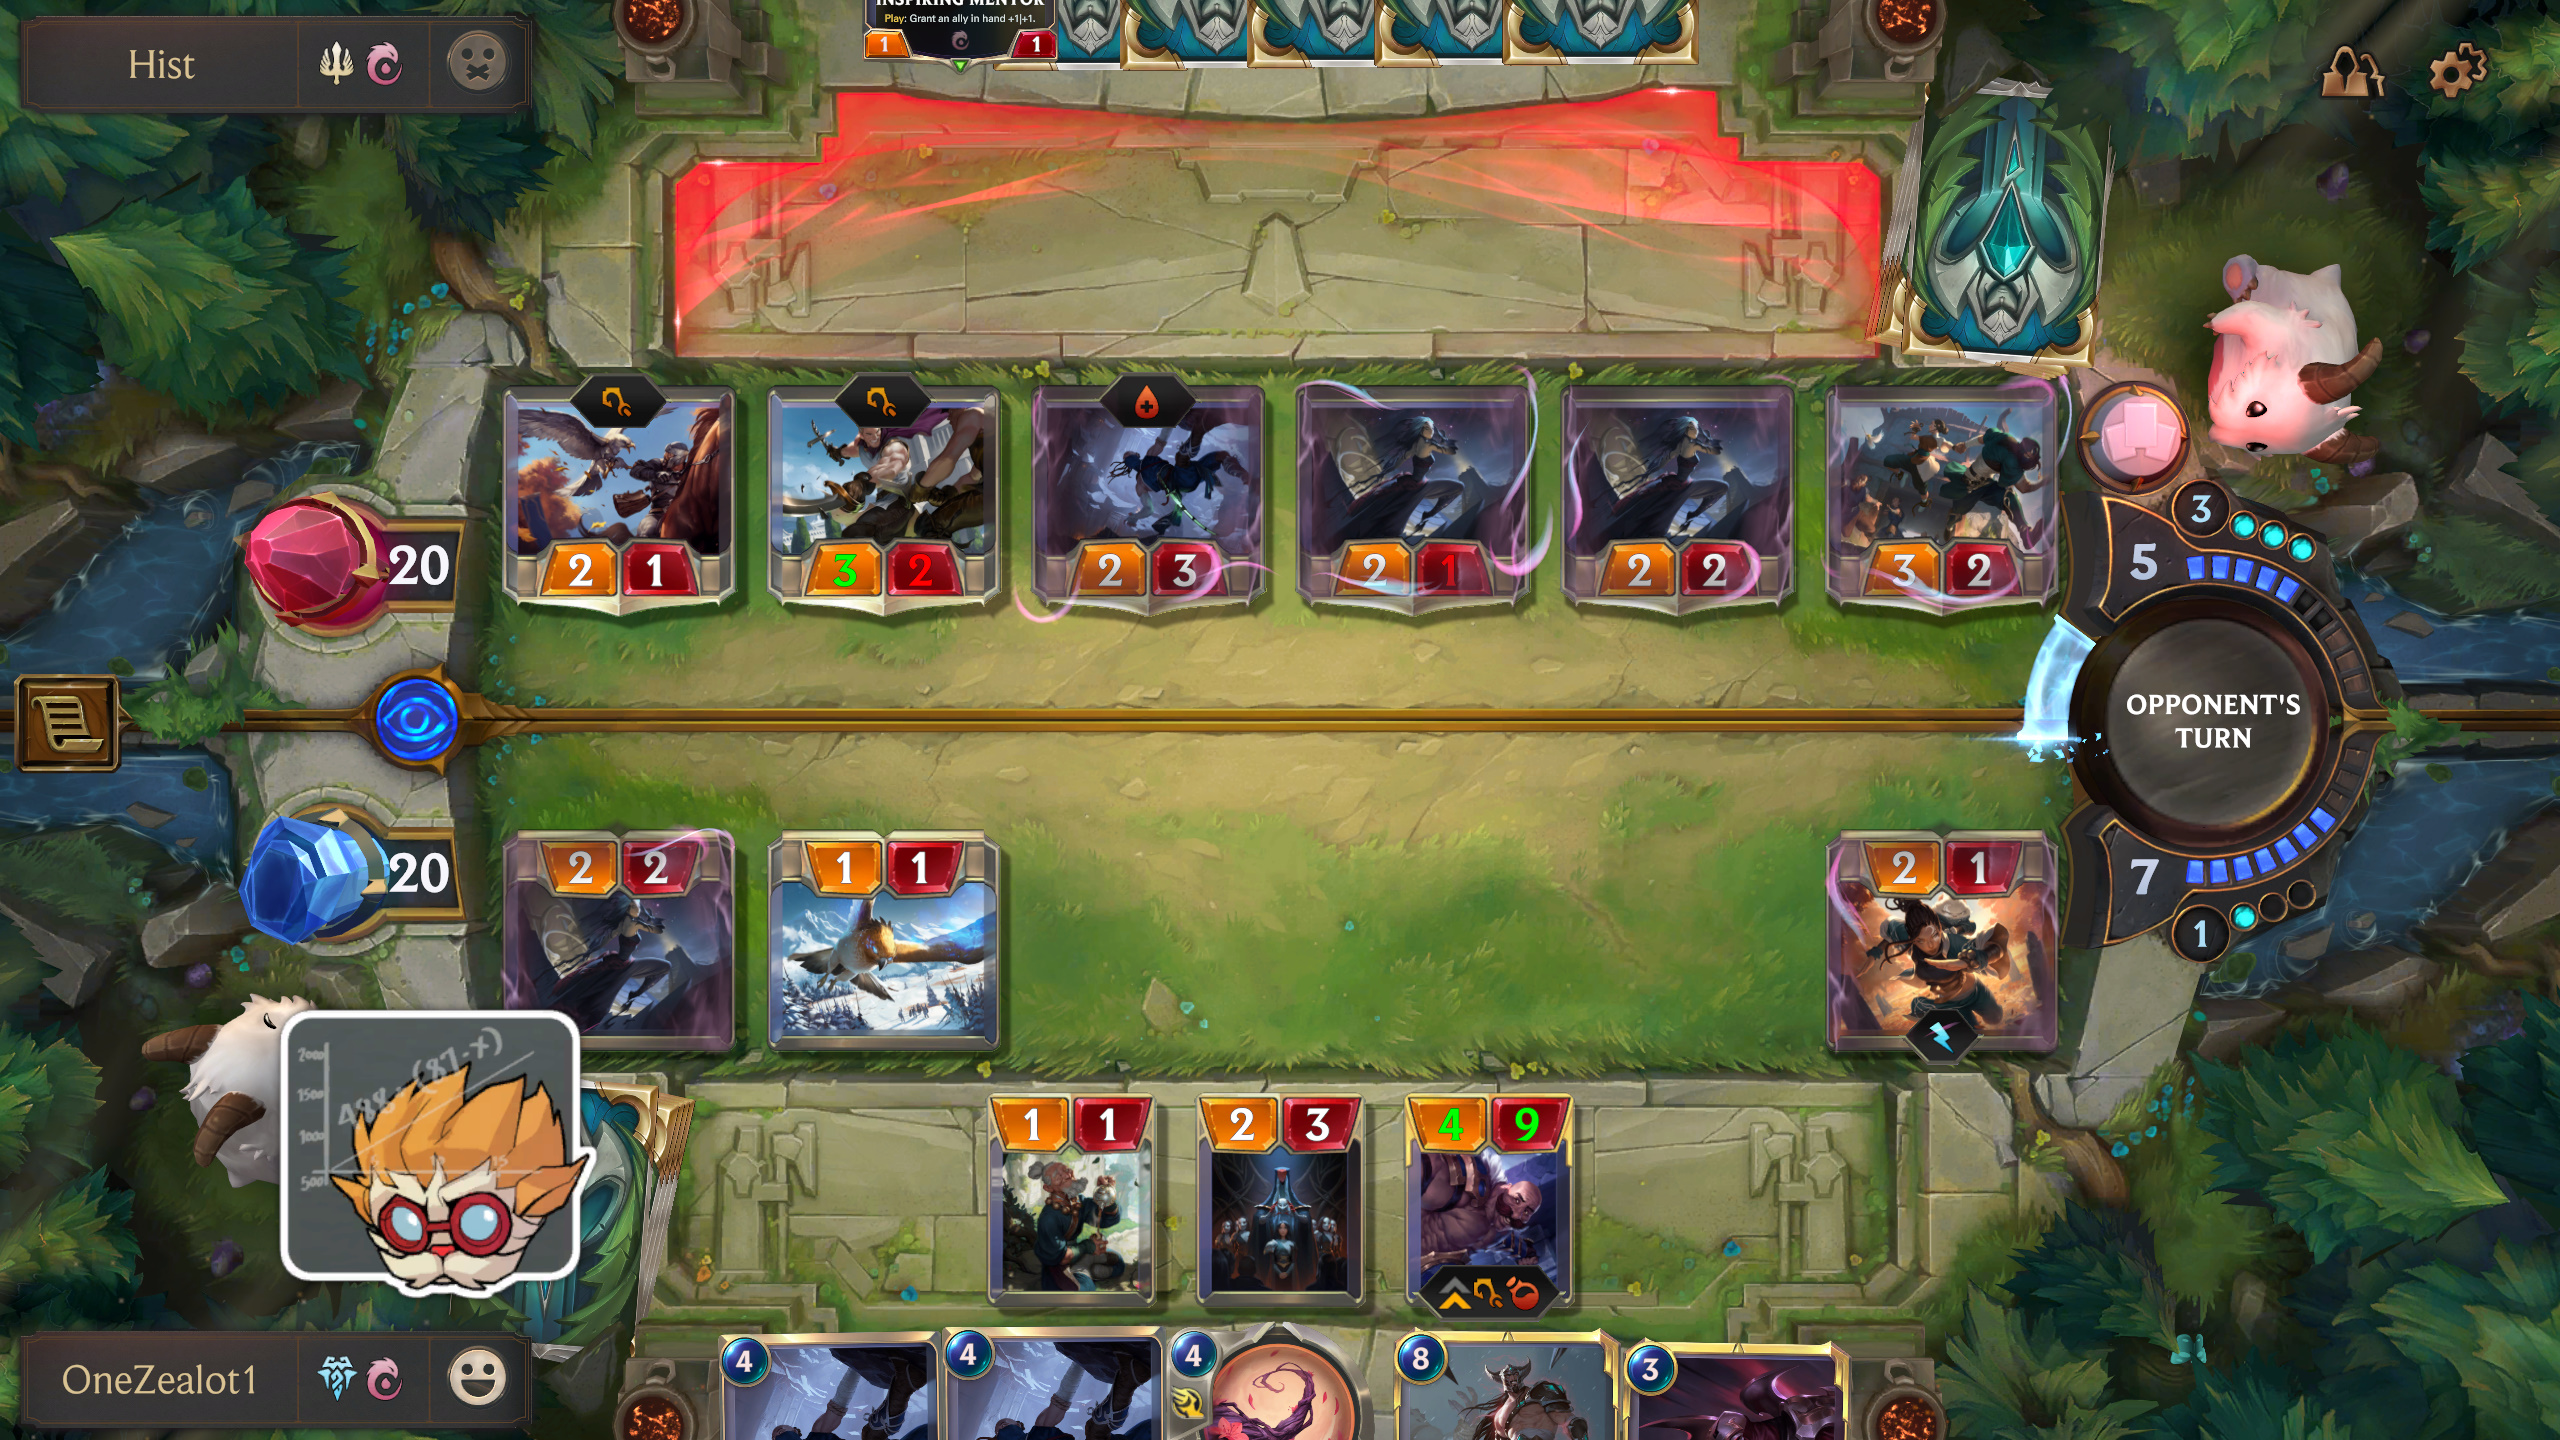 A game of Legends of Runeterra